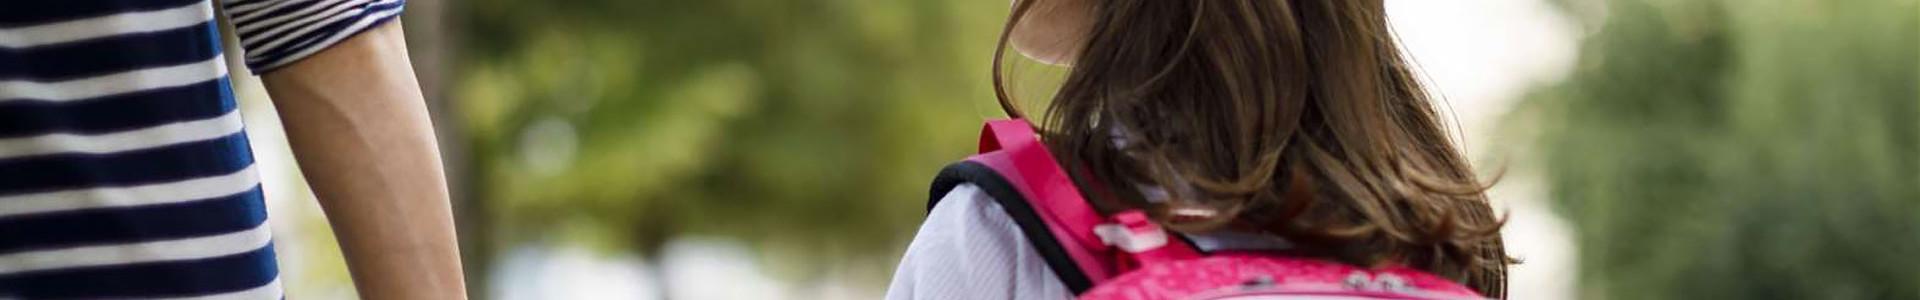 volta as aulas como escolher a mochila certa